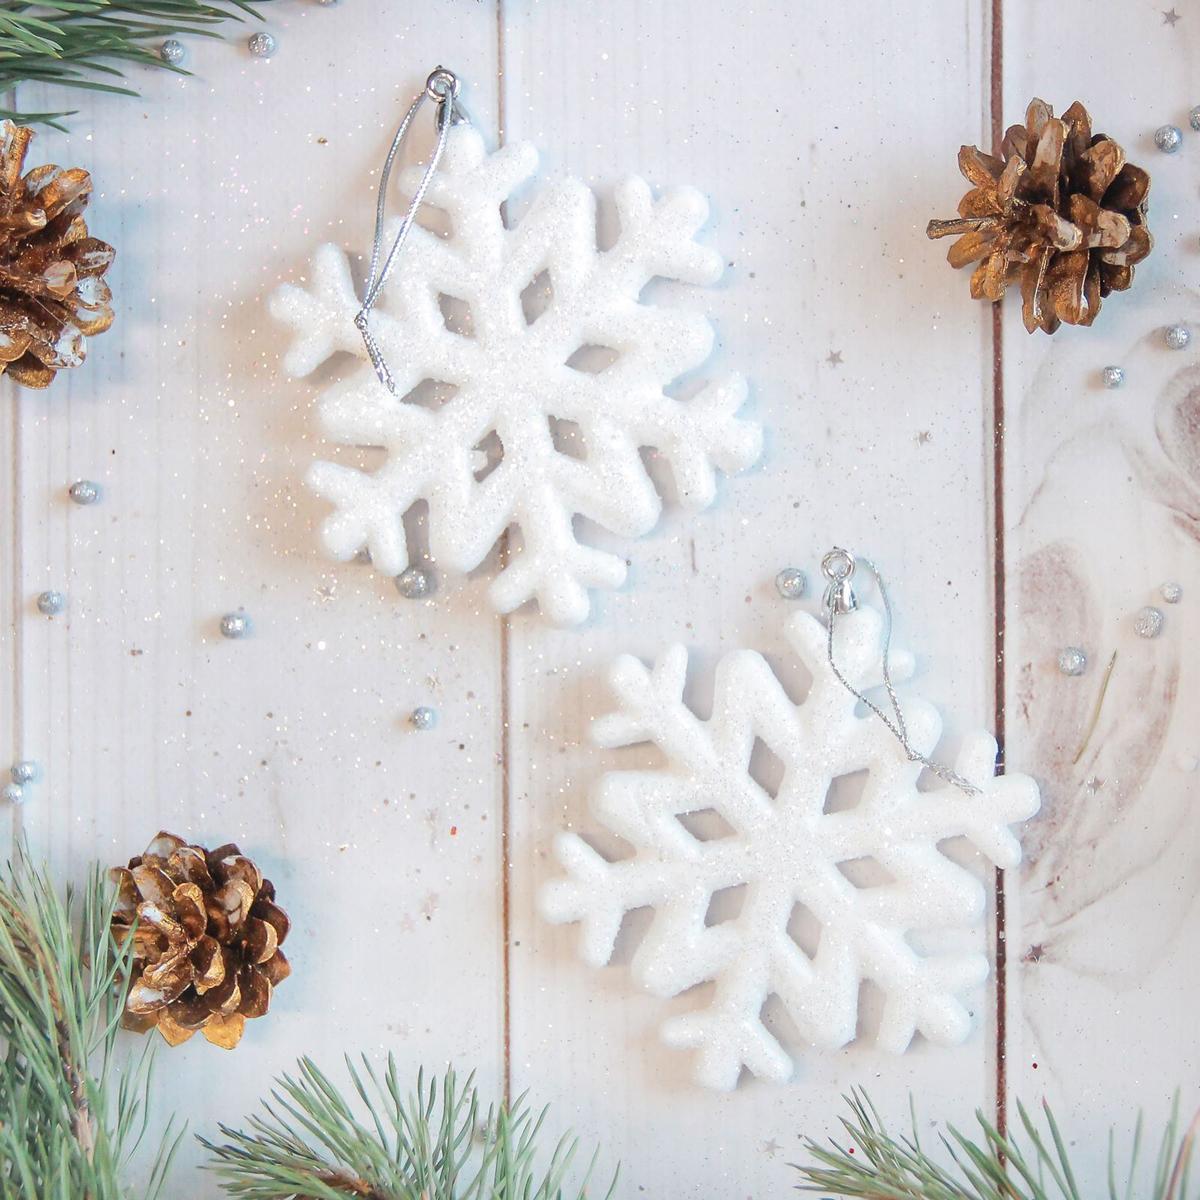 Украшение новогоднее елочное Sima-land Белая снежинка, 9,5 см, 2 шт2371290Невозможно представить нашу жизнь без праздников! Мы всегда ждём их и предвкушаем, обдумываем, как проведём памятный день, тщательно выбираем подарки и аксессуары, ведь именно они создают и поддерживают торжественный настрой.